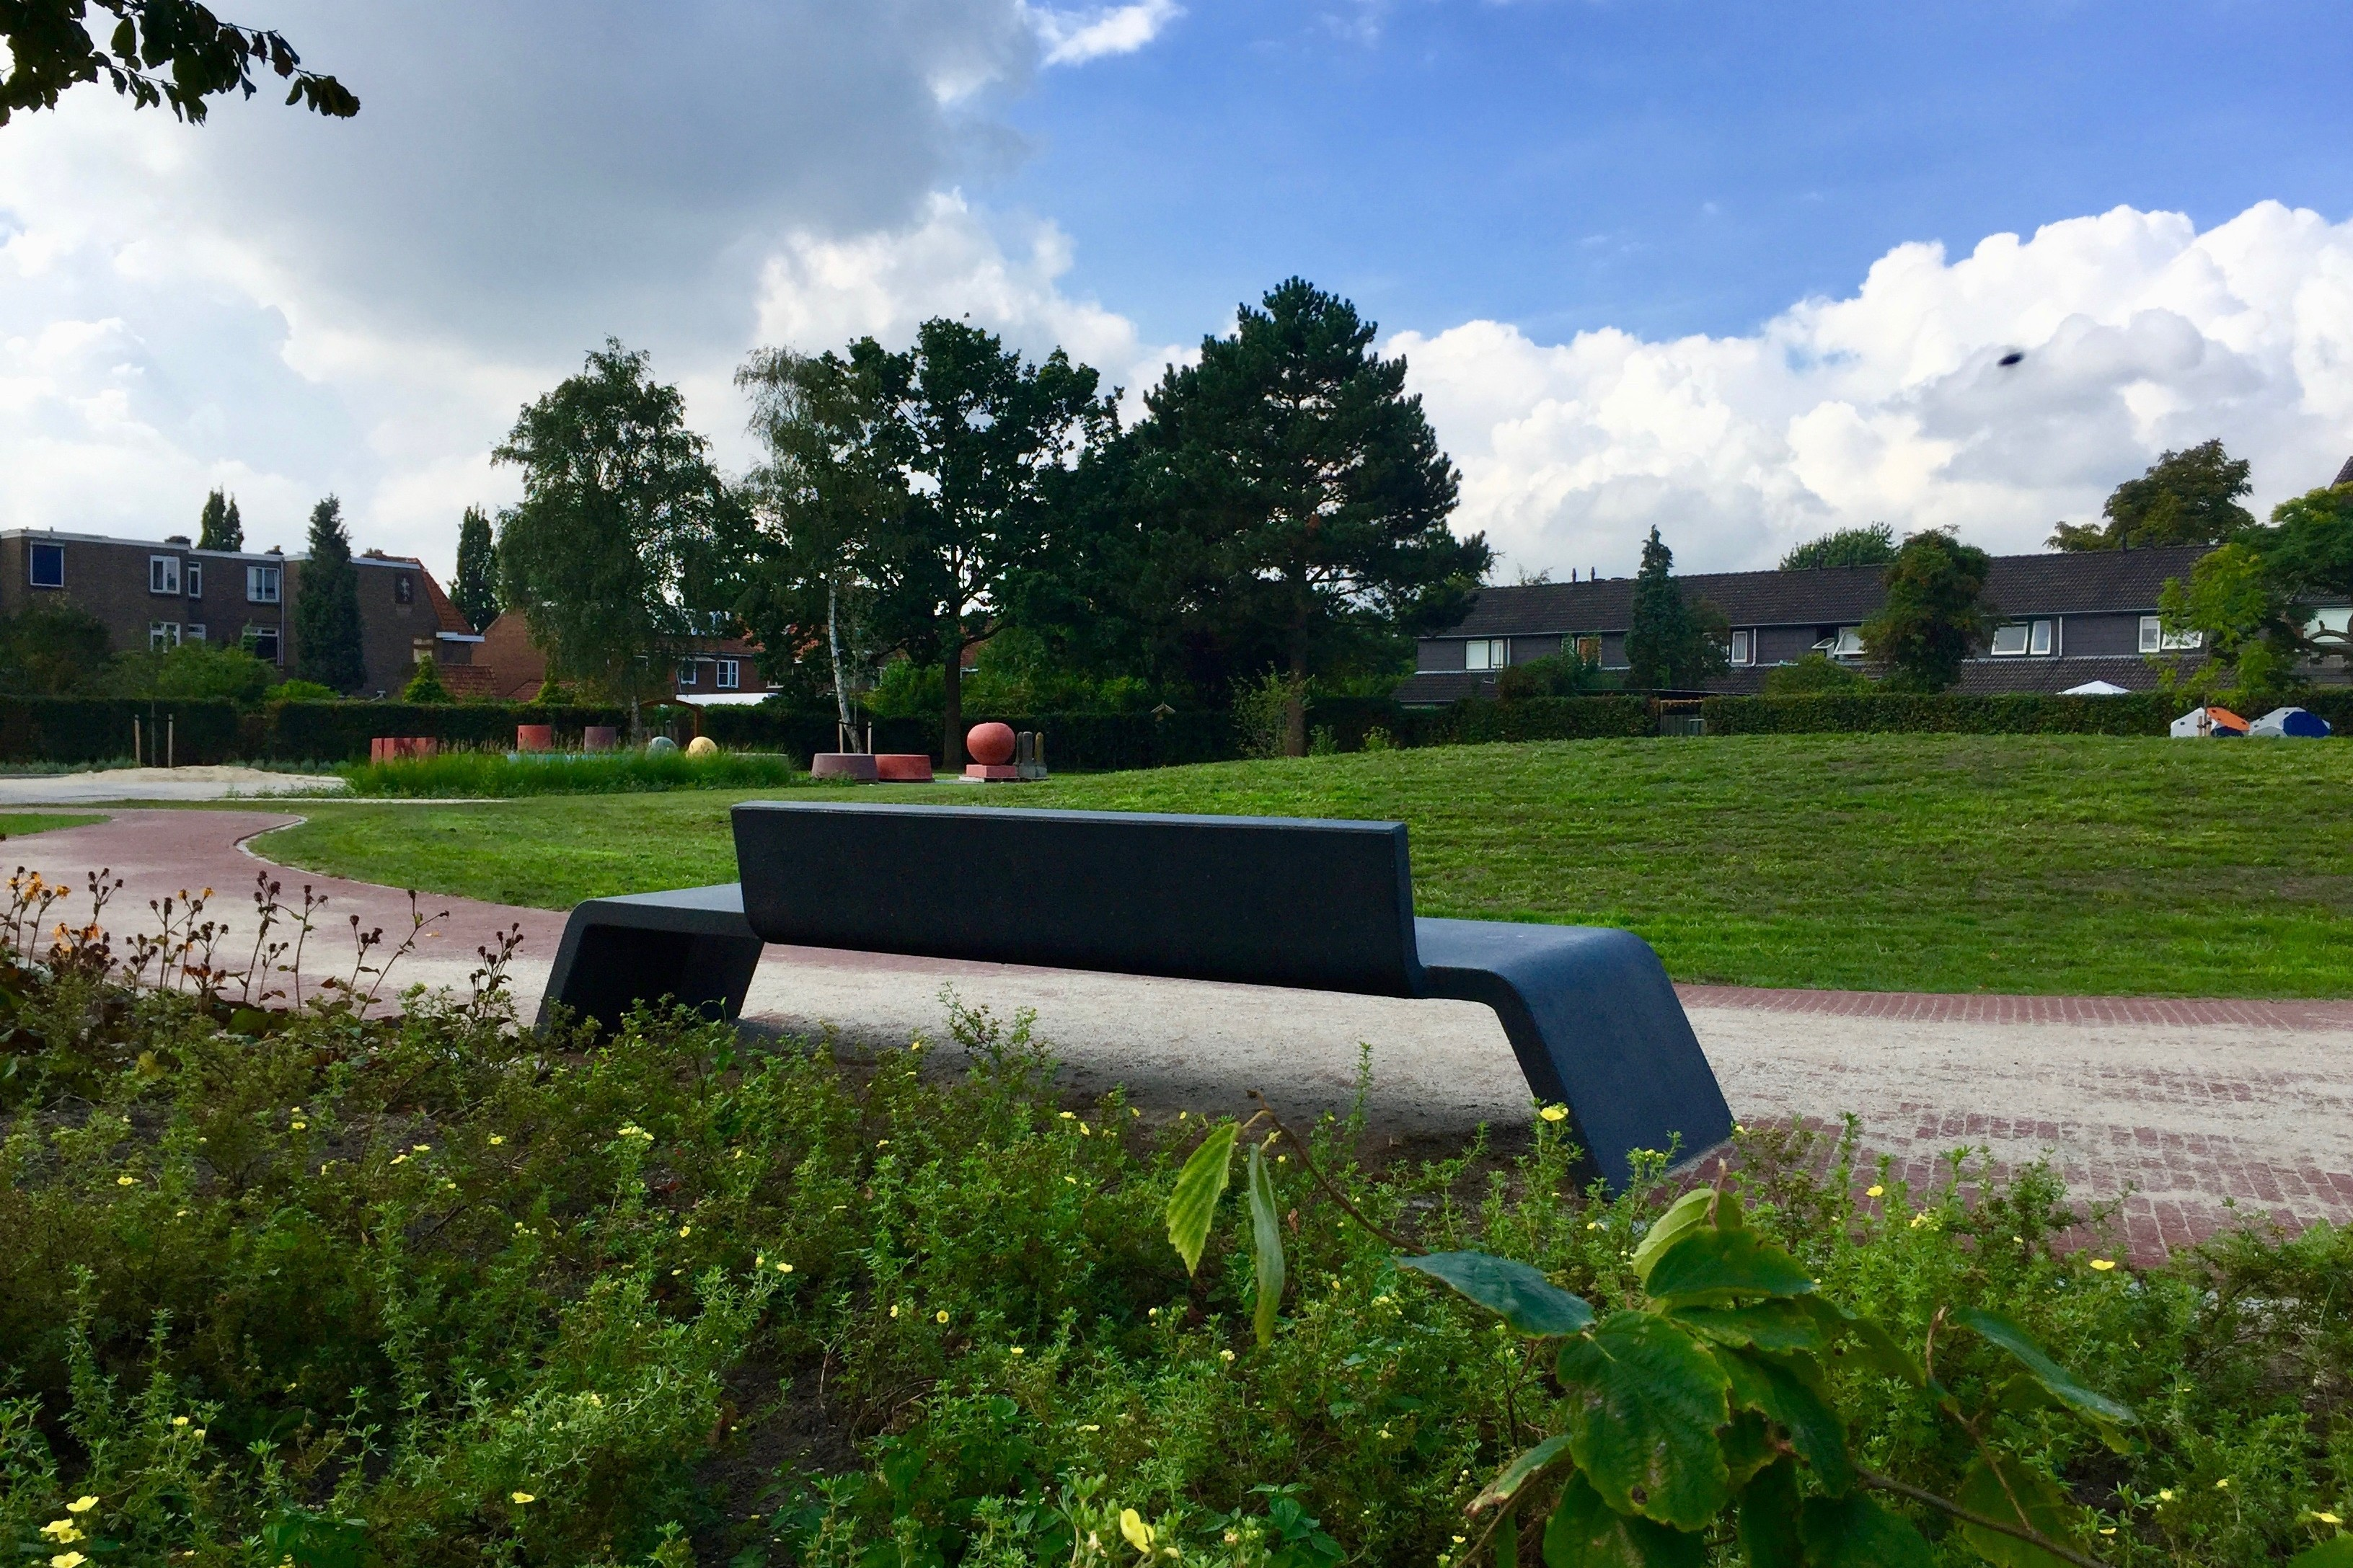 Parkje Nijmegen uitgerust met betonnen Mimetic bankjes